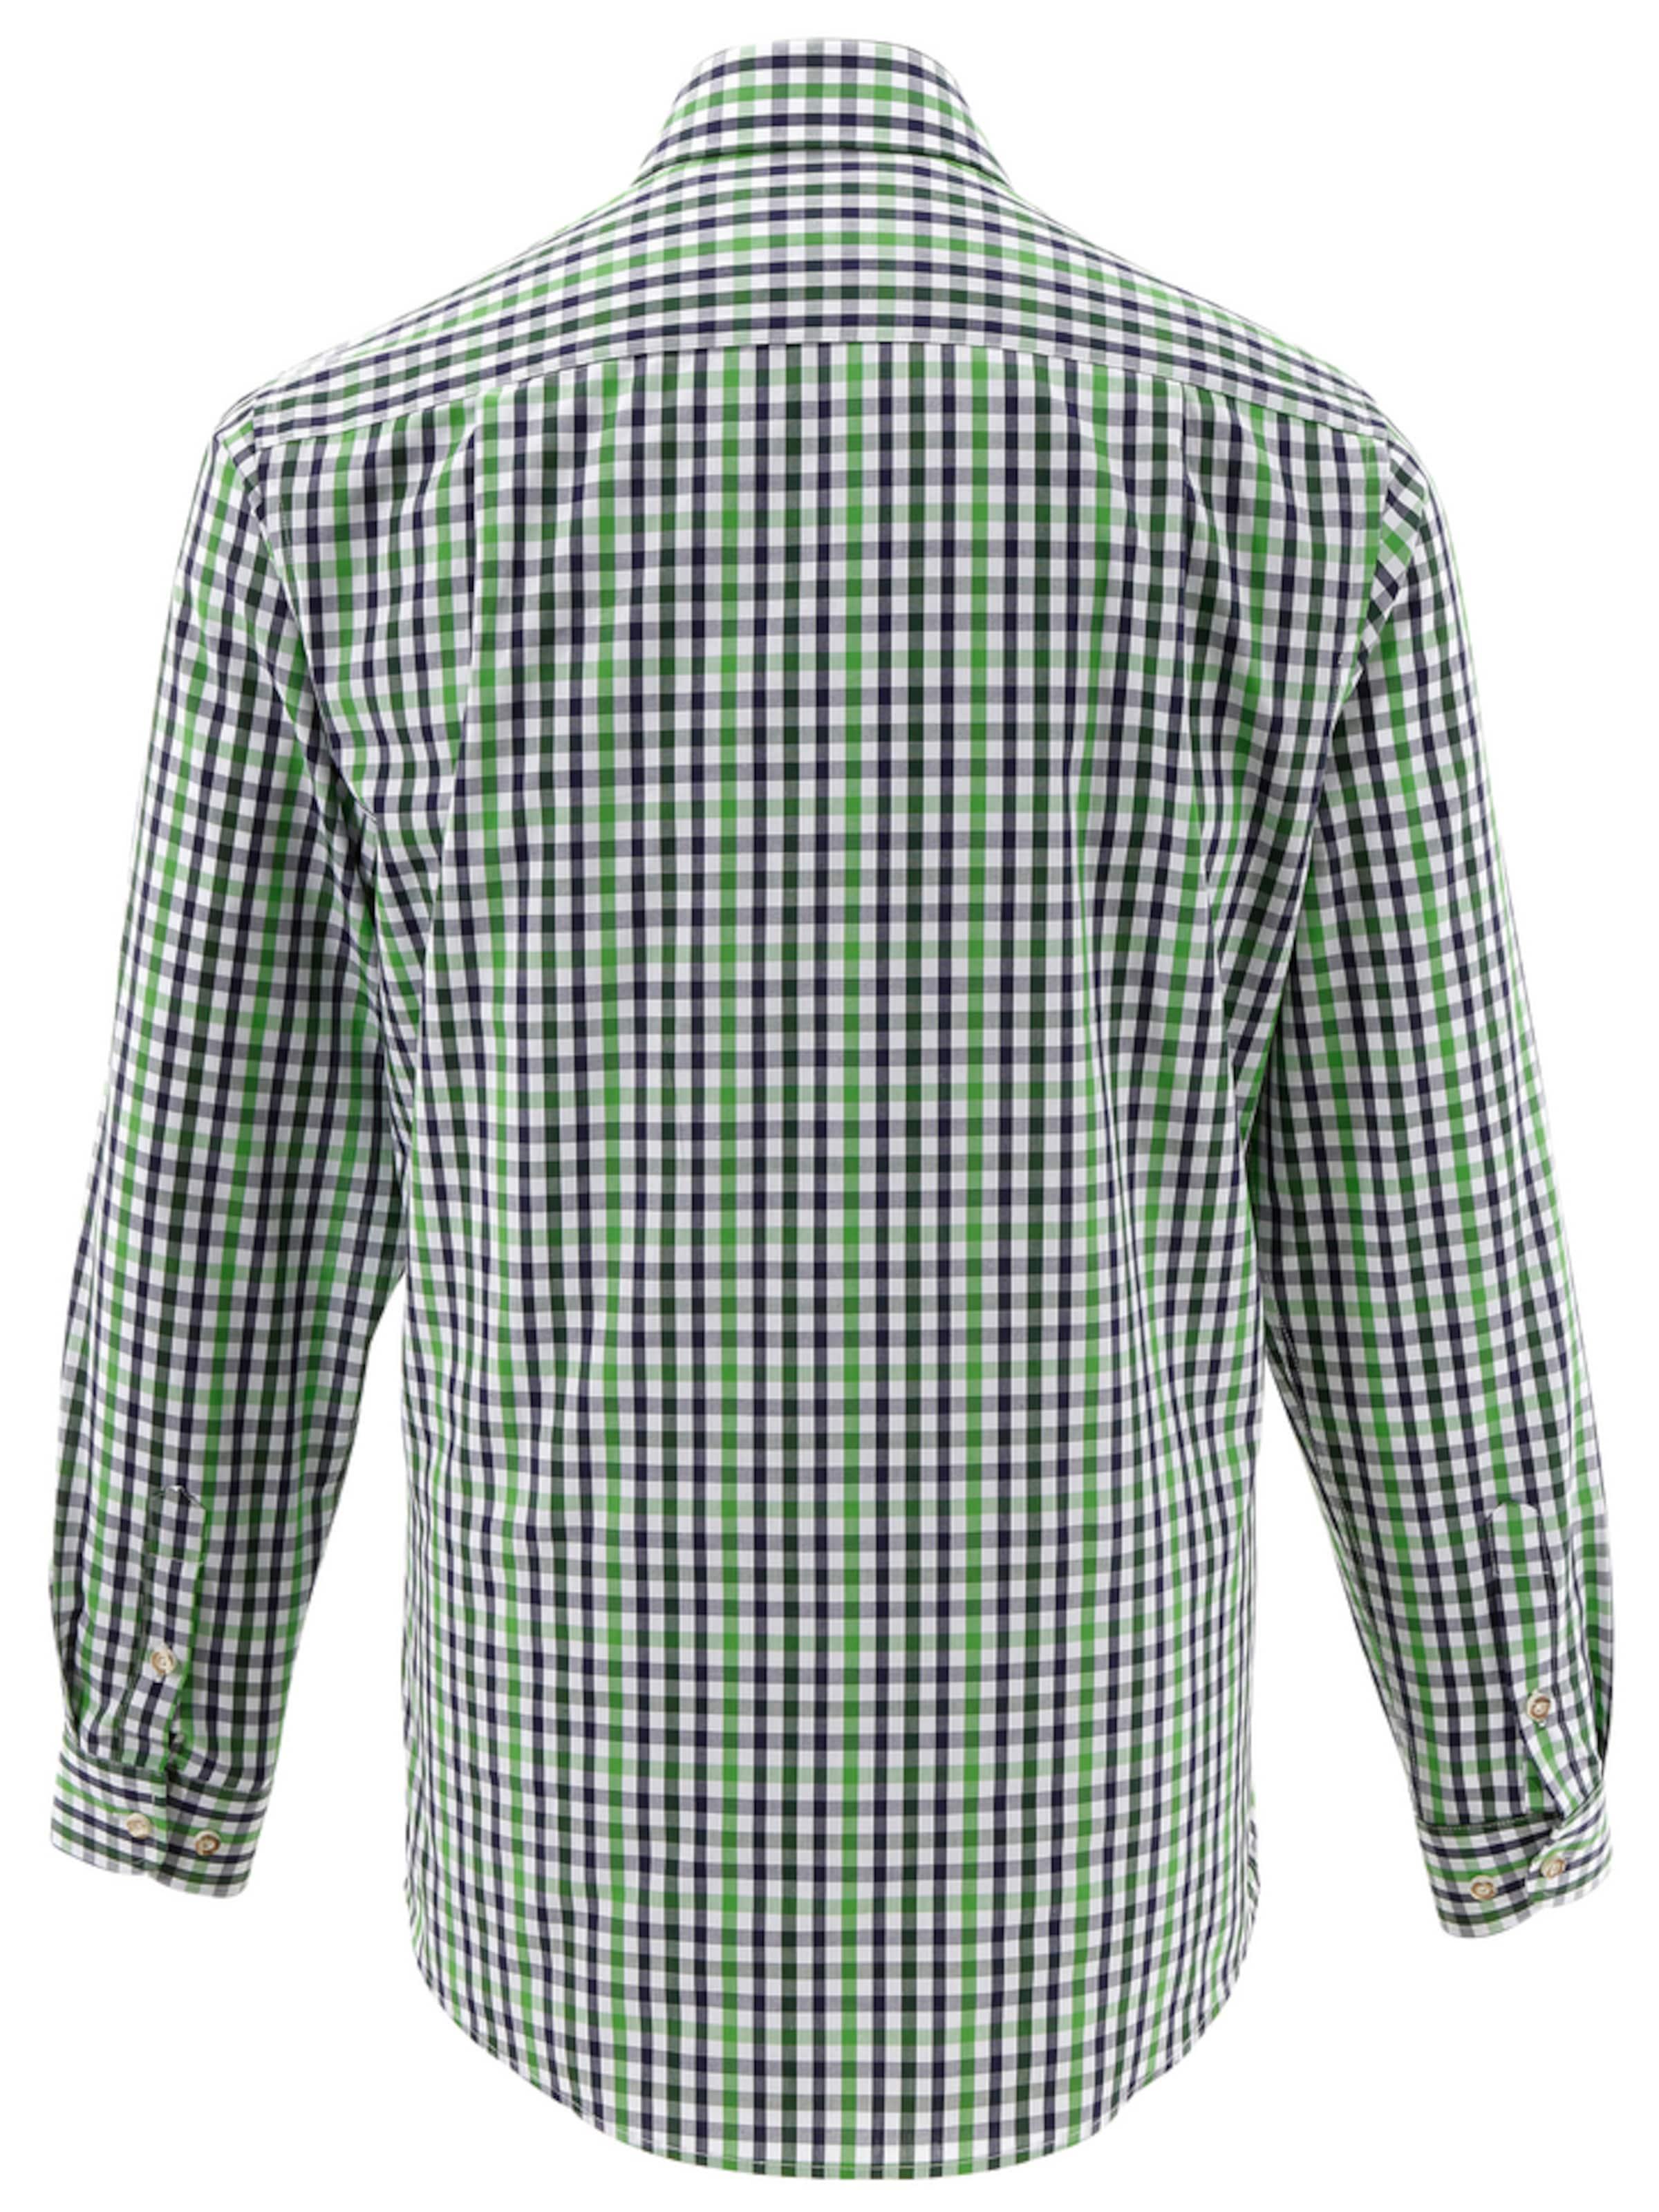 ALMSACH Trachtenhemd im Karo-Dessin Spielraum Rabatte Billige Neuesten Kollektionen a3JVqmFj